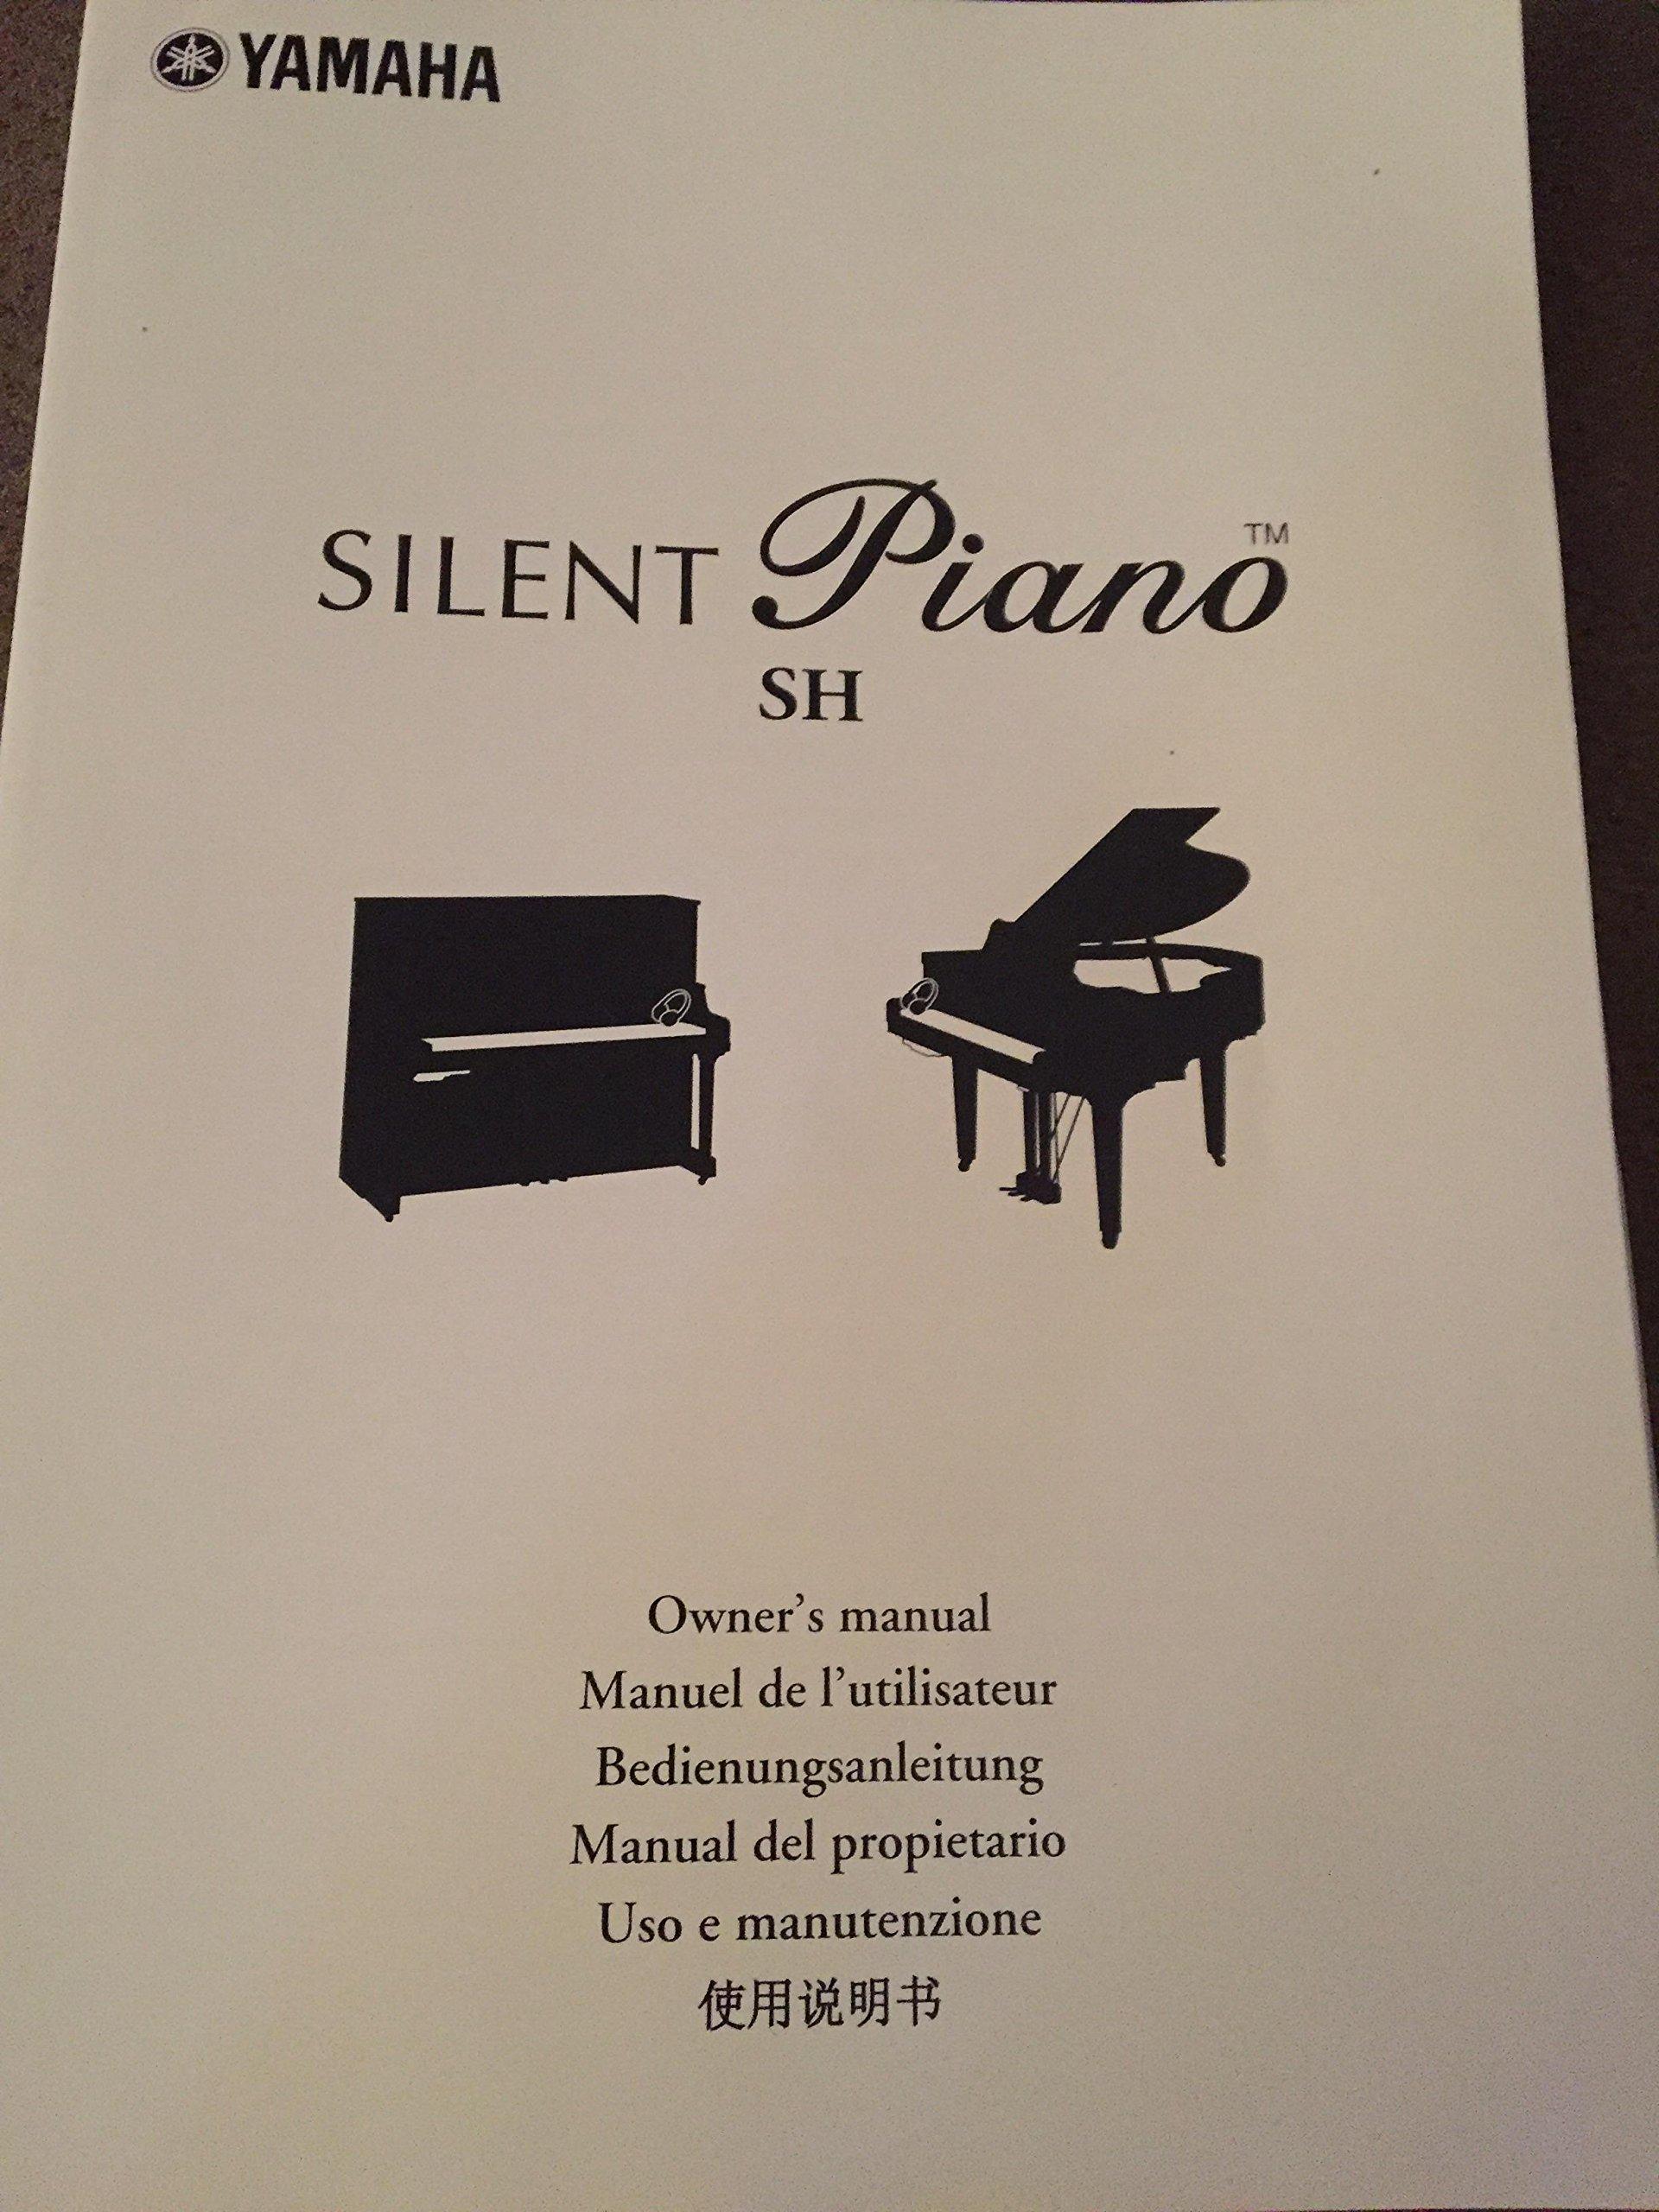 silent piano sh yamaha 2012 owner s manual yamaha amazon com books rh amazon com yamaha silent piano sh manual Piano Yamaha Hawaii